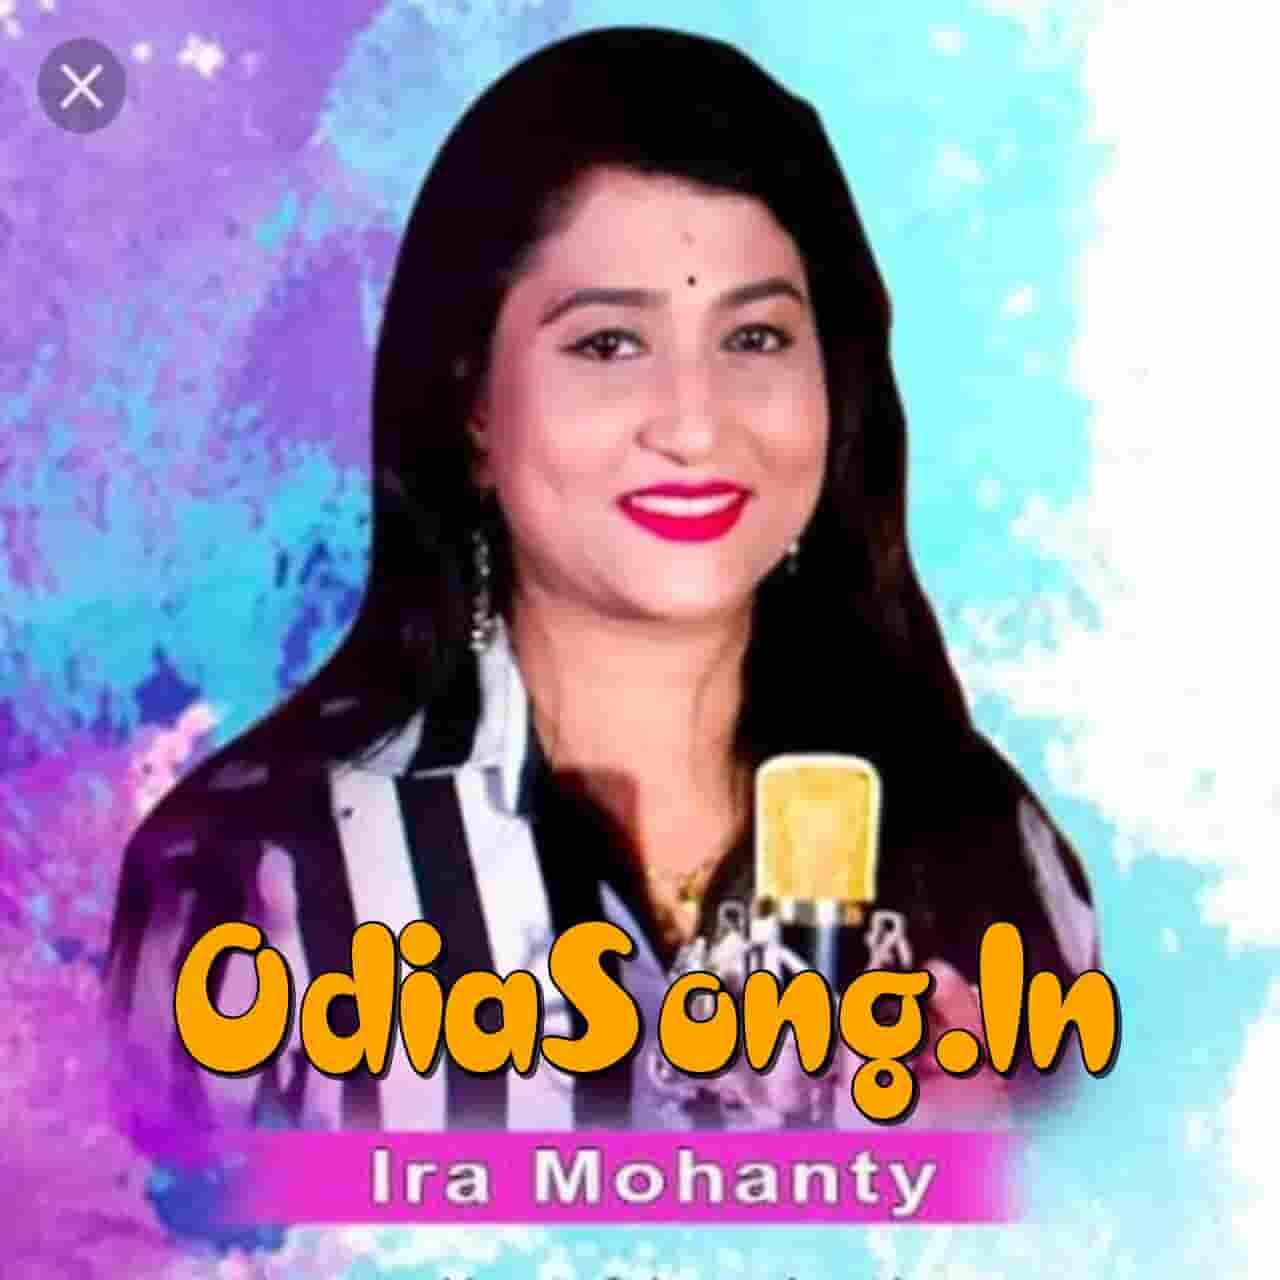 Mu Odhani Udei Deli Lo (Ira Mohanty)